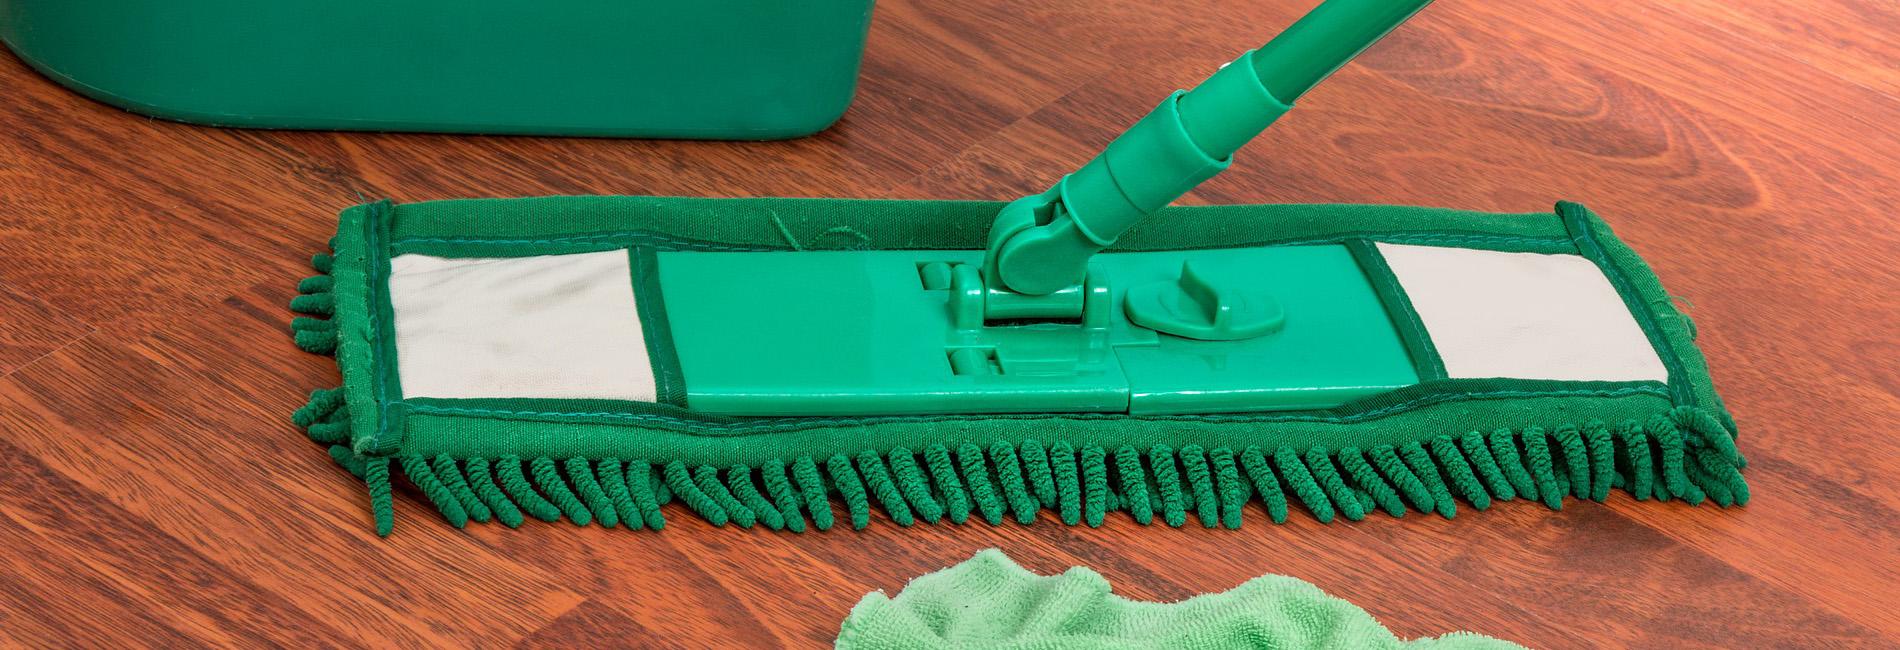 pulizie saronno - condomini - uffici